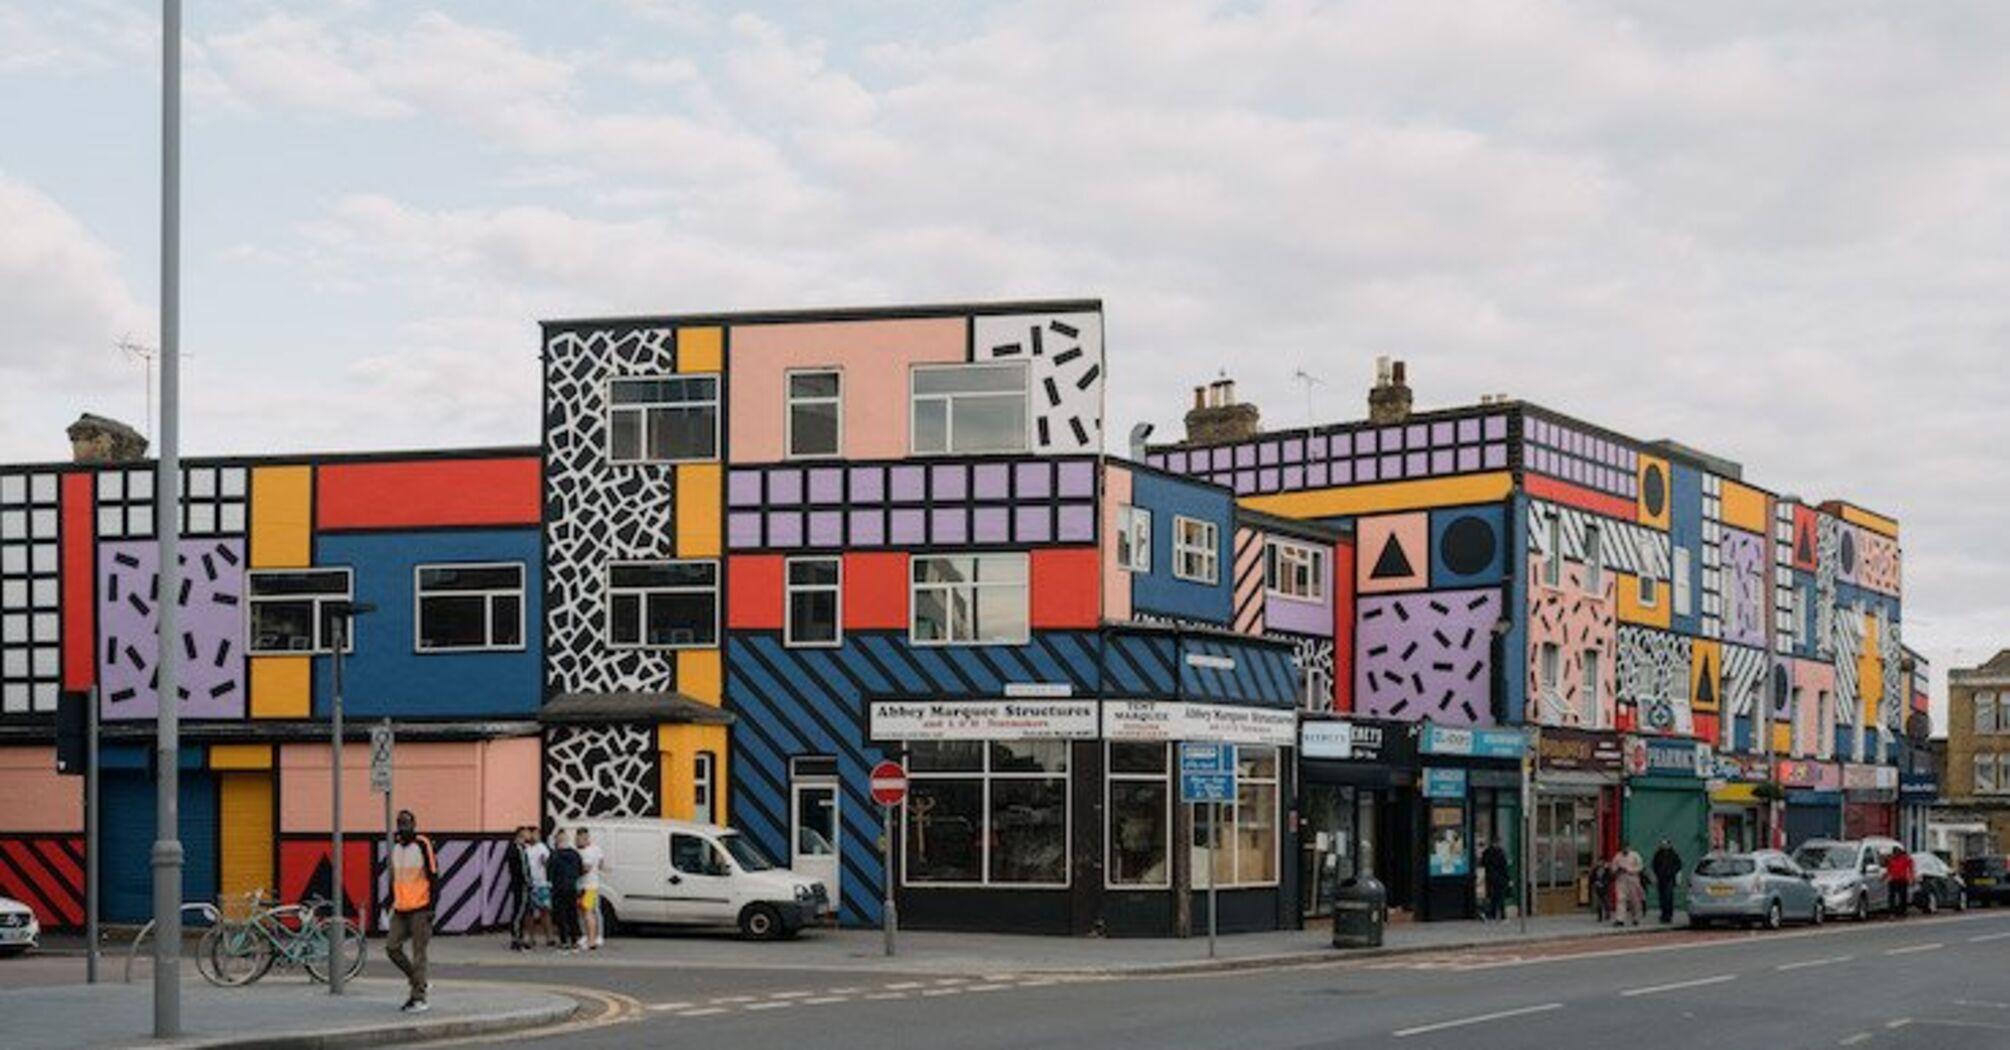 У Лондоні розмалювали цілий квартал геометричним муралом (фото)